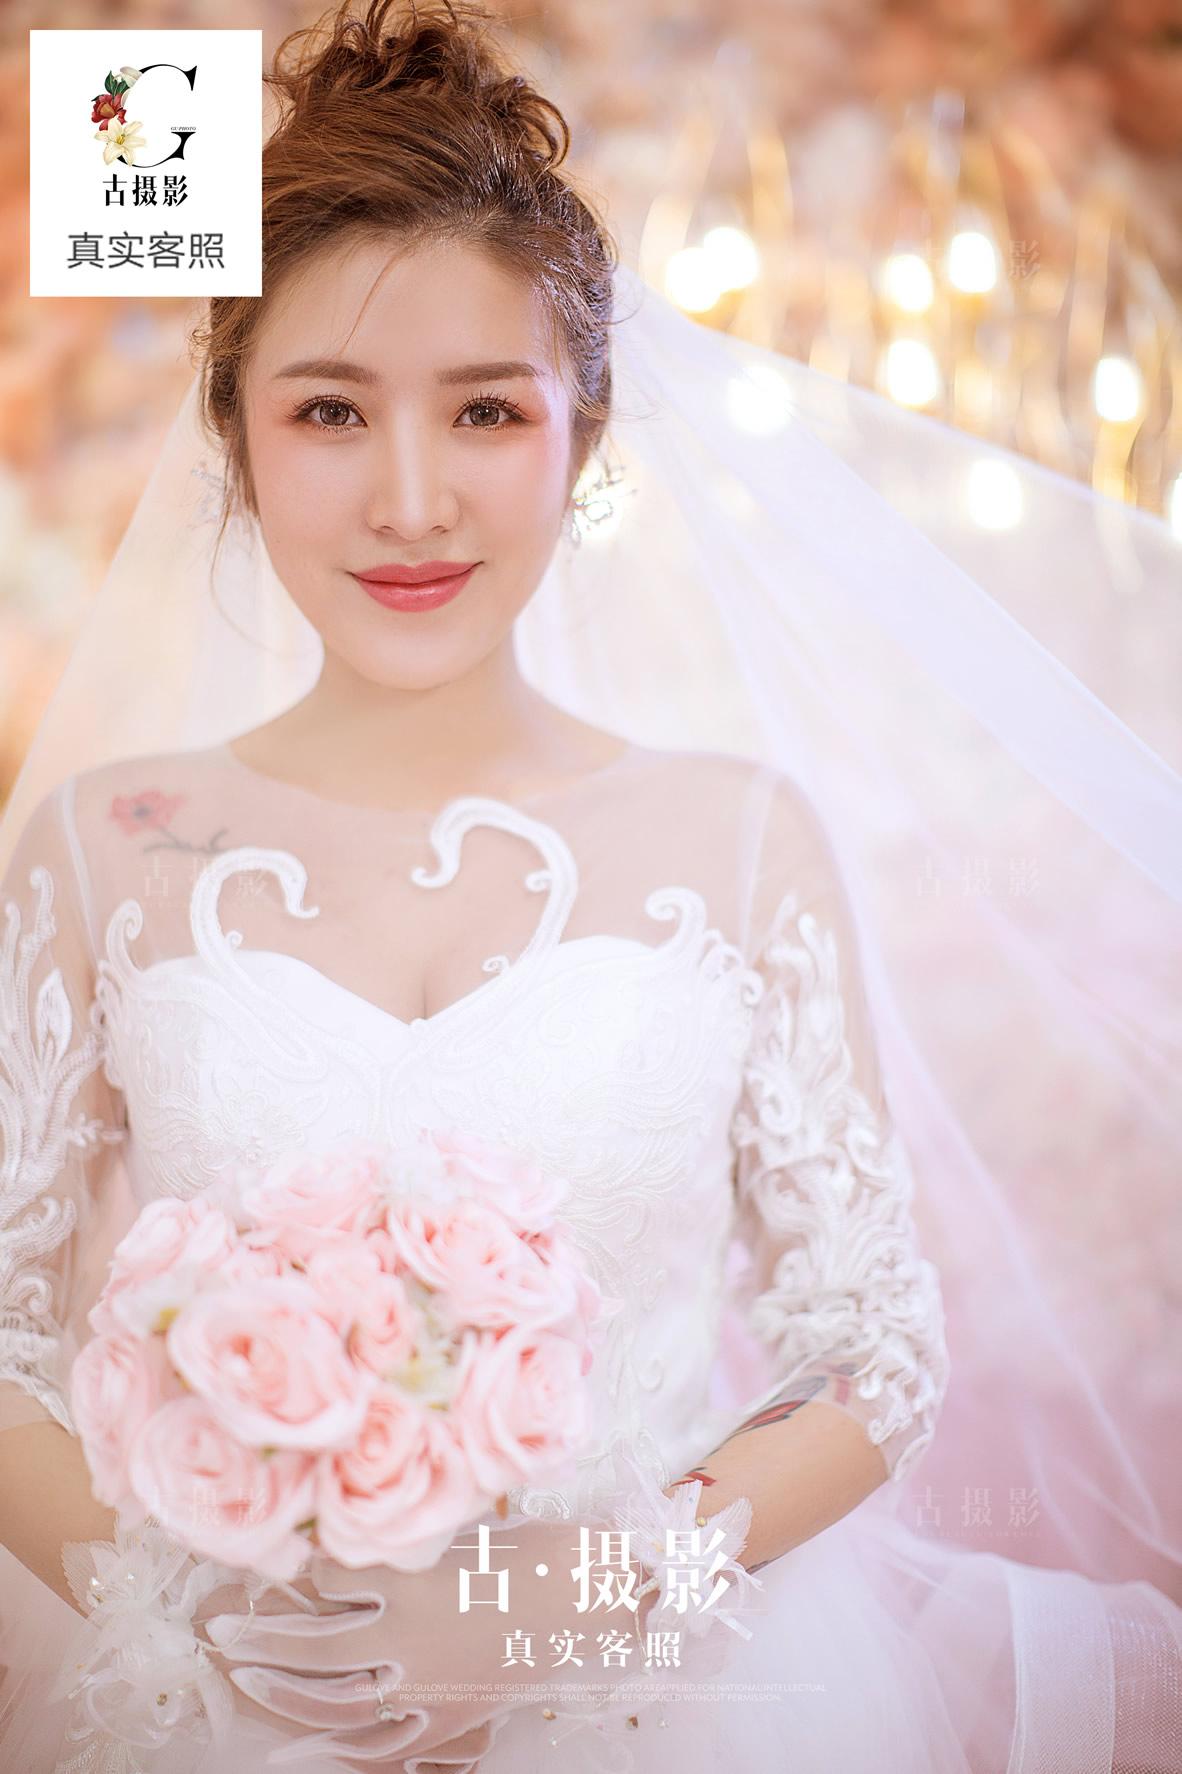 10月29日客片晏先生 邹小姐 - 每日客照 - love昆明古摄影-昆明婚纱摄影网